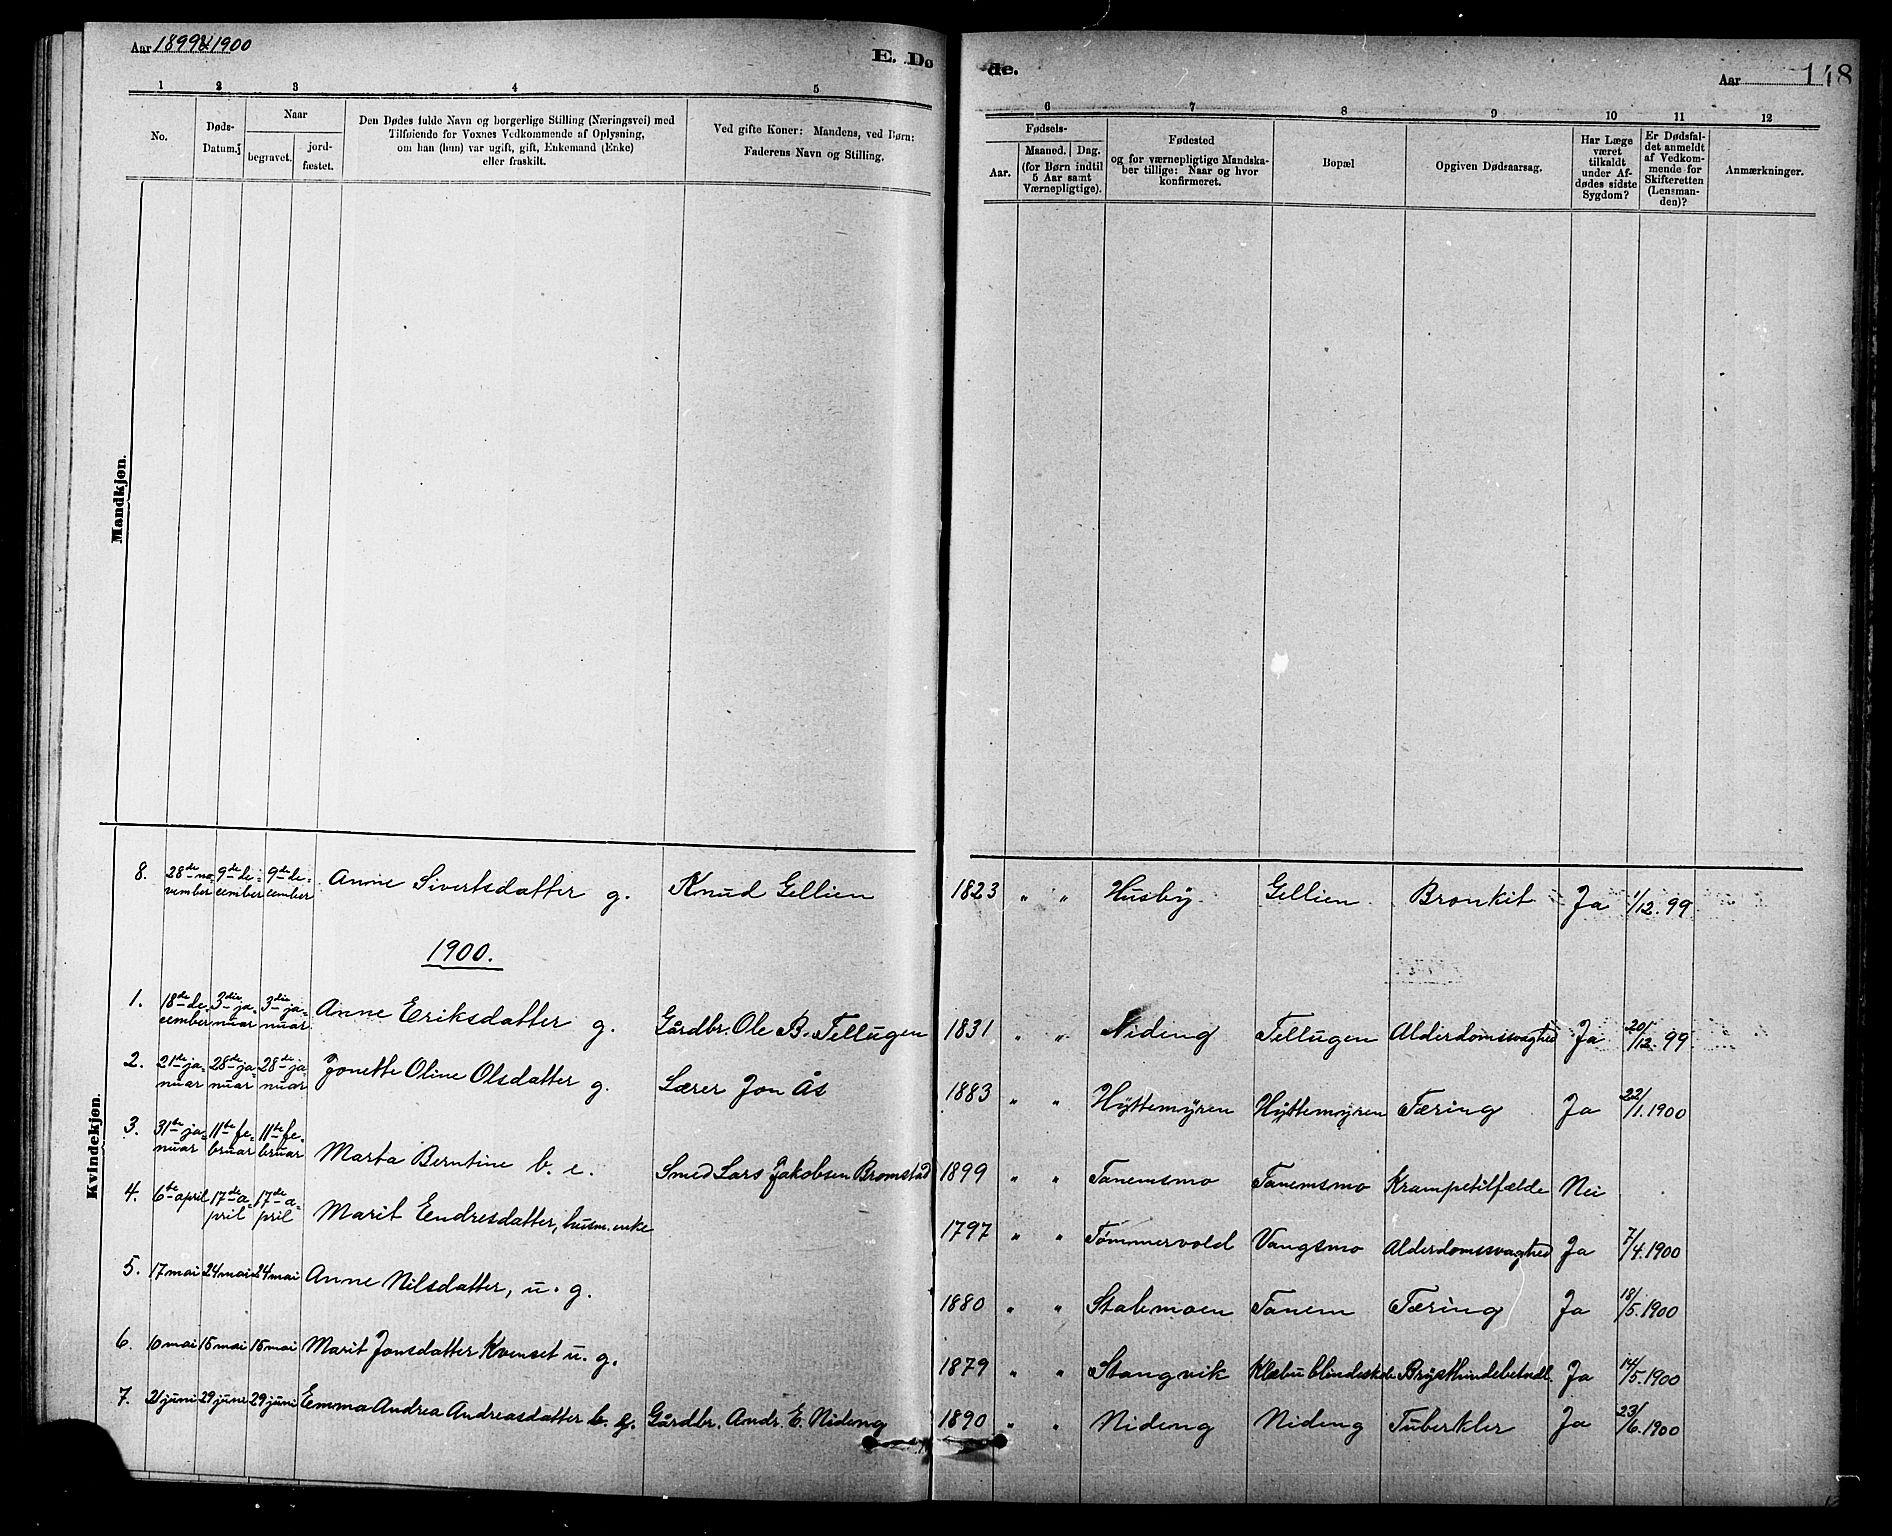 SAT, Ministerialprotokoller, klokkerbøker og fødselsregistre - Sør-Trøndelag, 618/L0452: Klokkerbok nr. 618C03, 1884-1906, s. 148